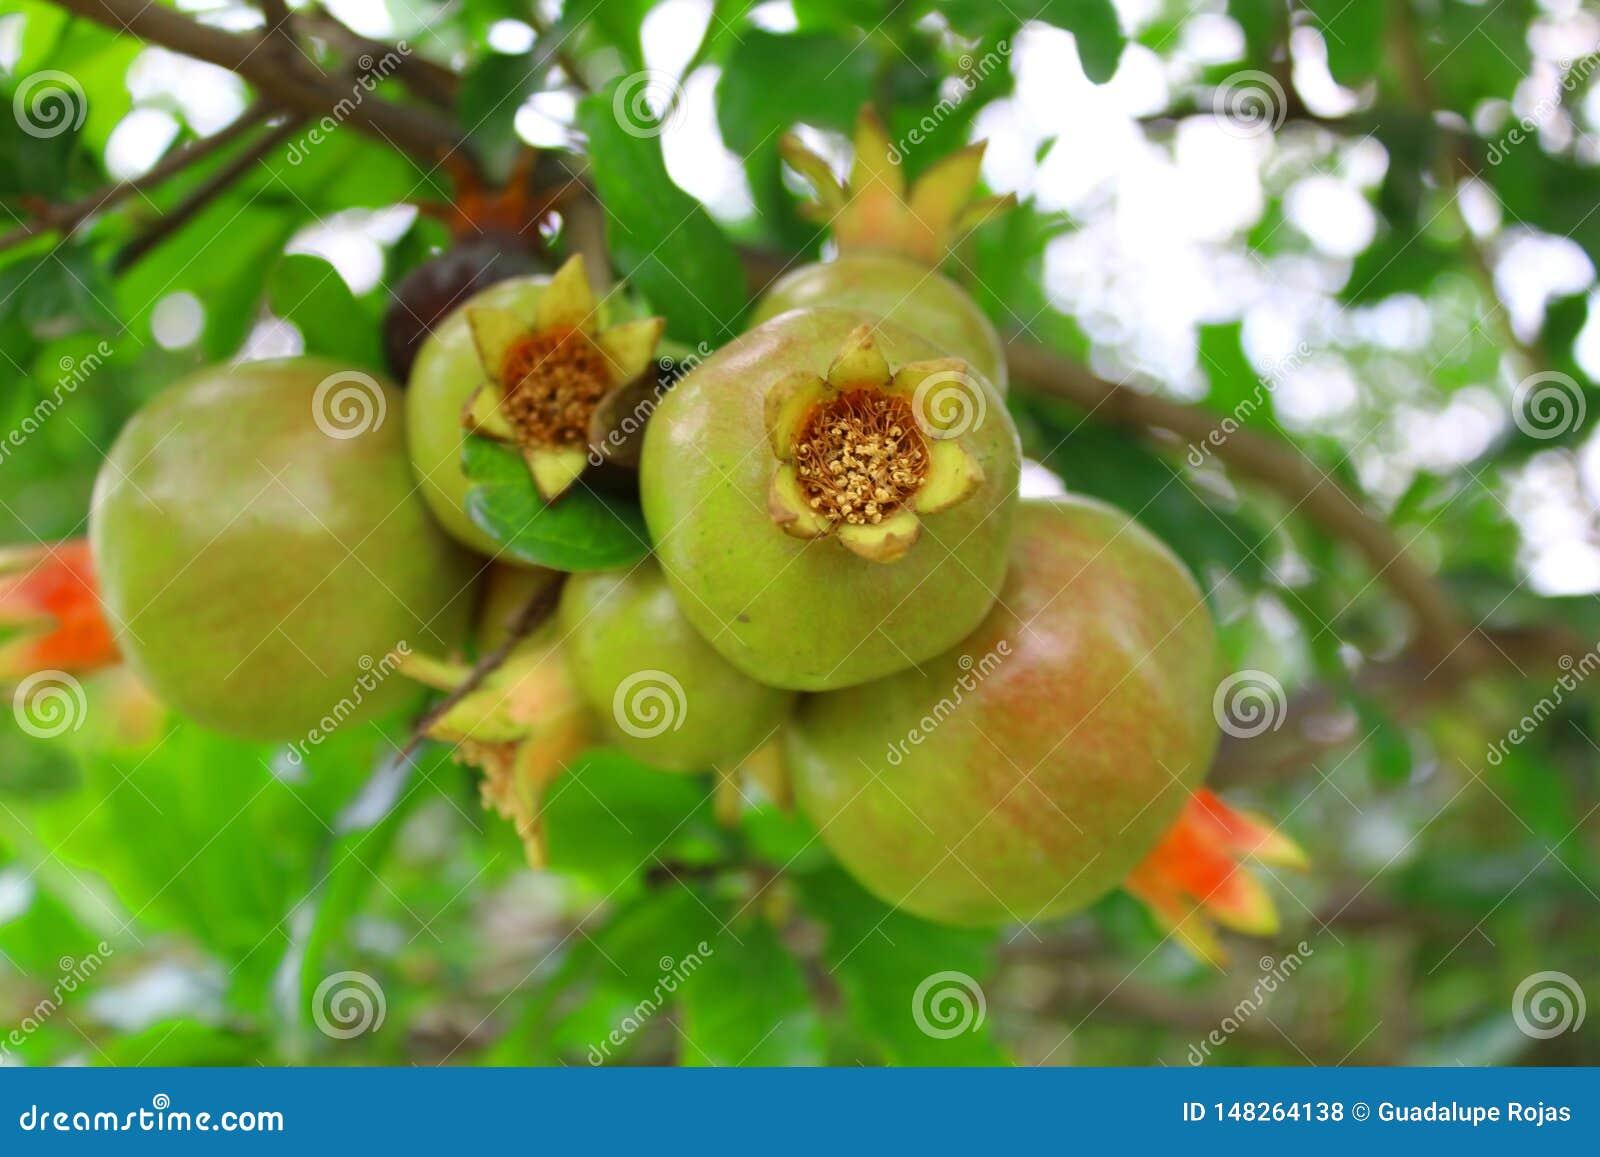 La granada roja esta fruta tiene una piel gruesa que vaya de amarillo de oro al escarlata y dentro de las semillas son rodeados p